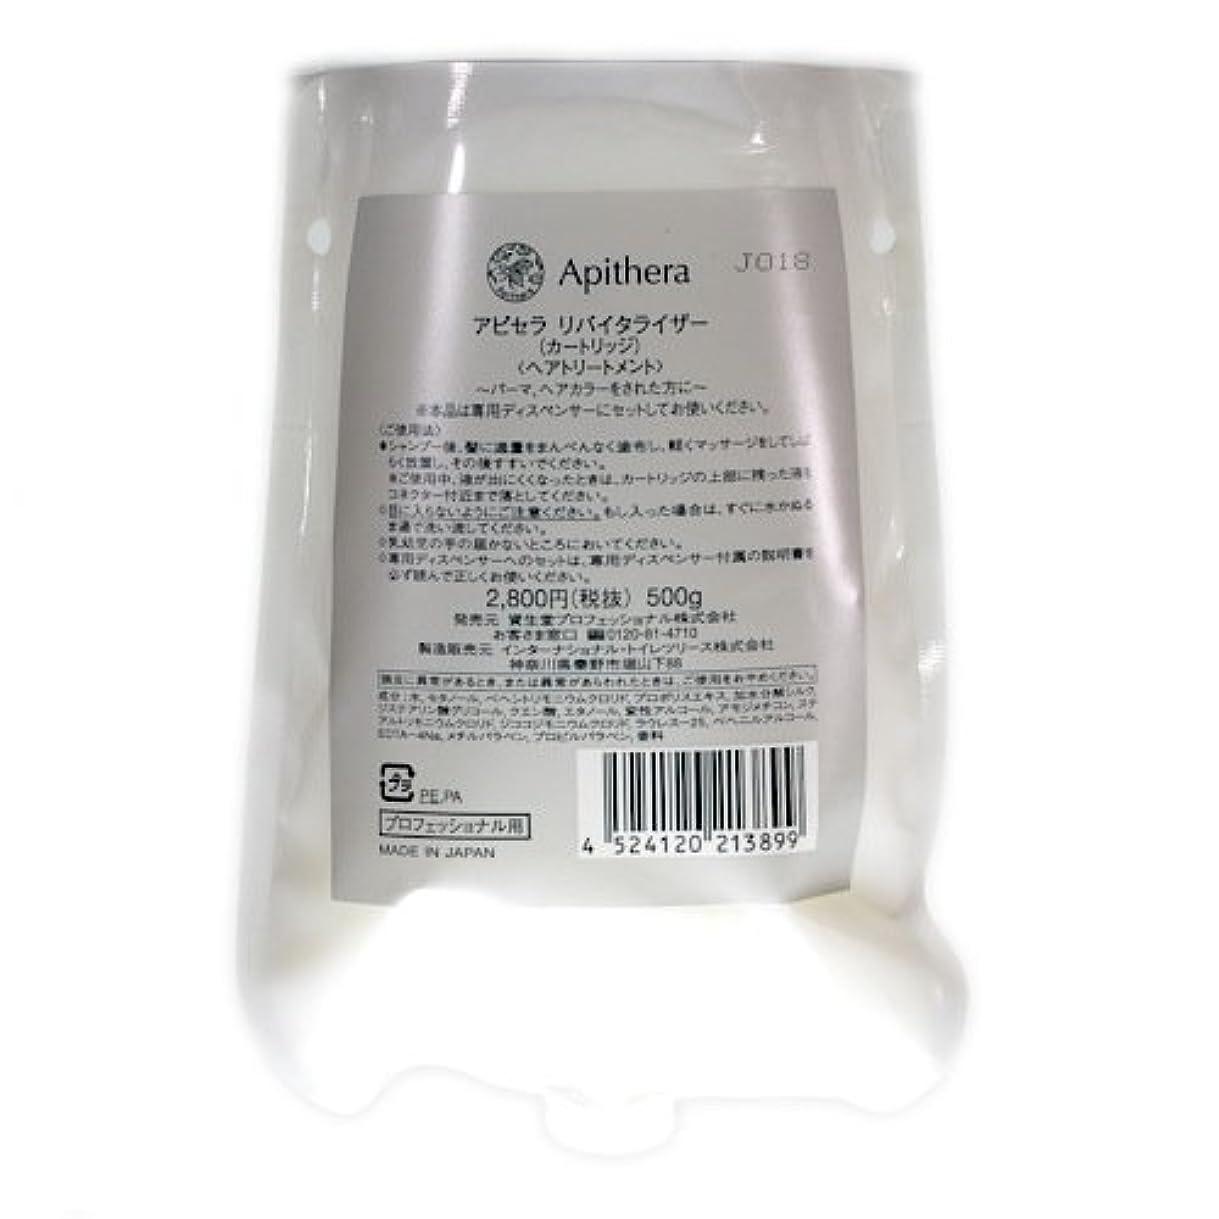 資生堂 アピセラ リバイタライザー 500g (レフィル)